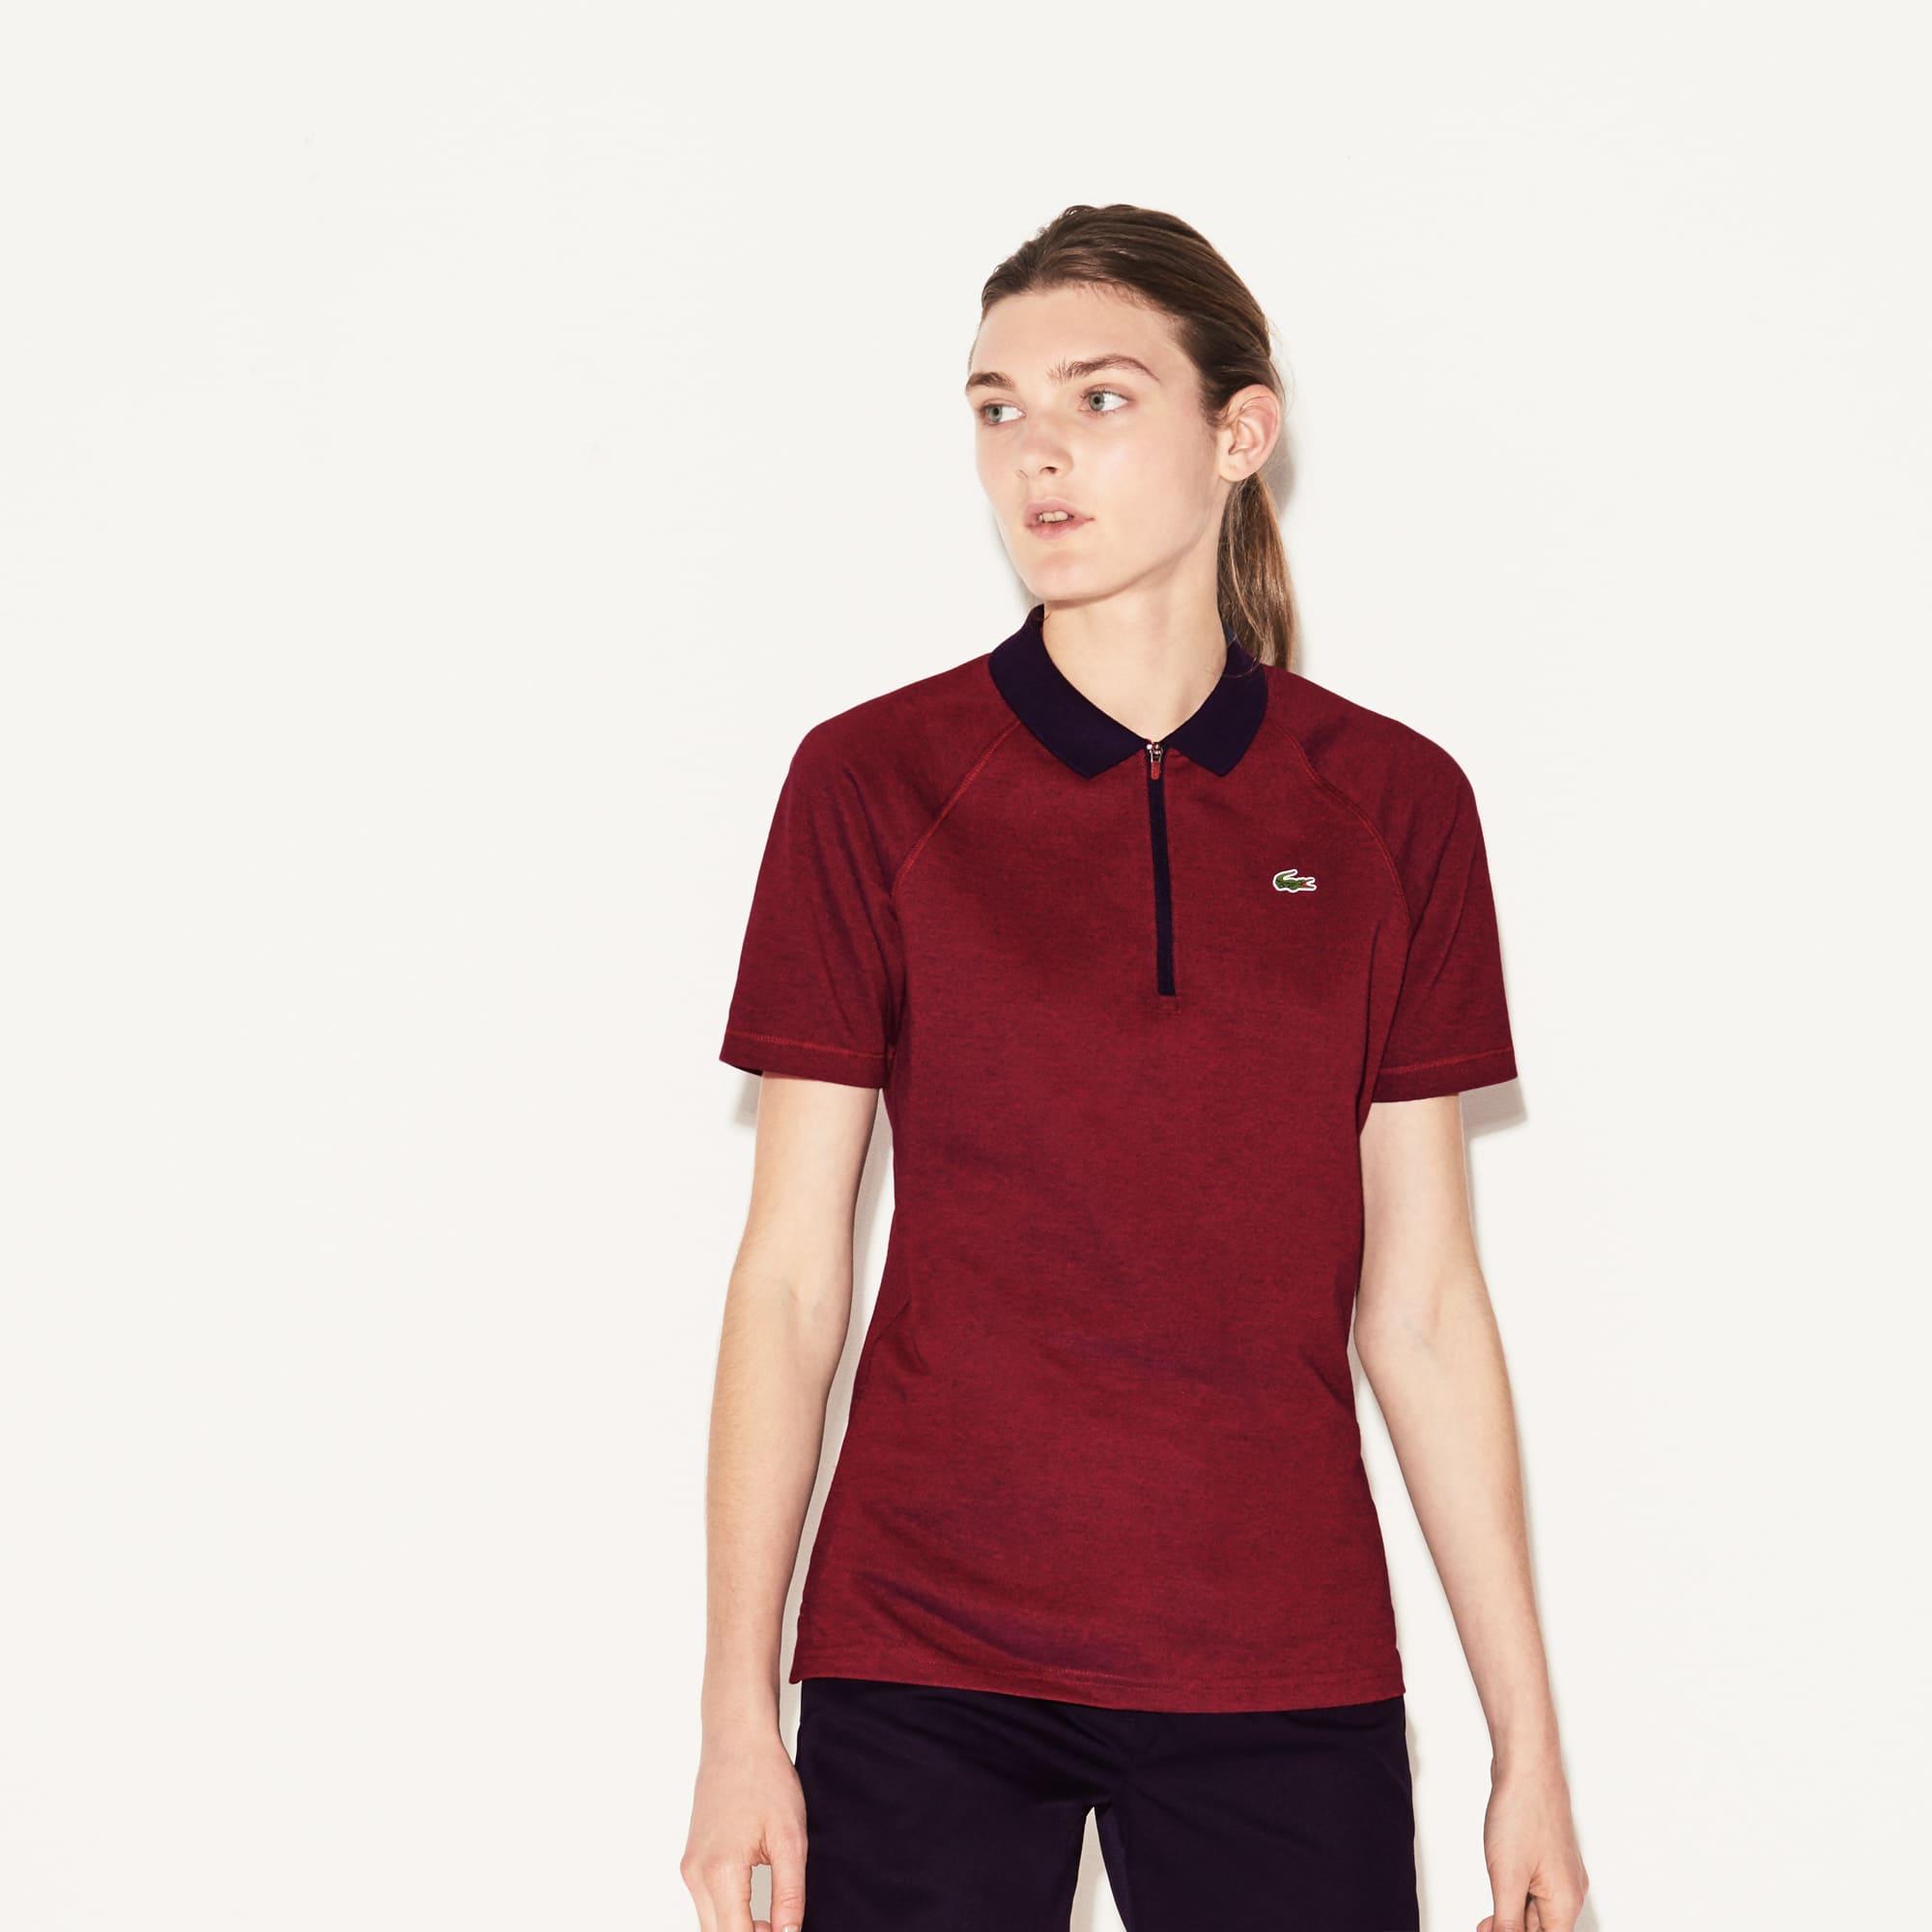 Damen LACOSTE SPORT Golf-Poloshirt aus Funktionsjersey